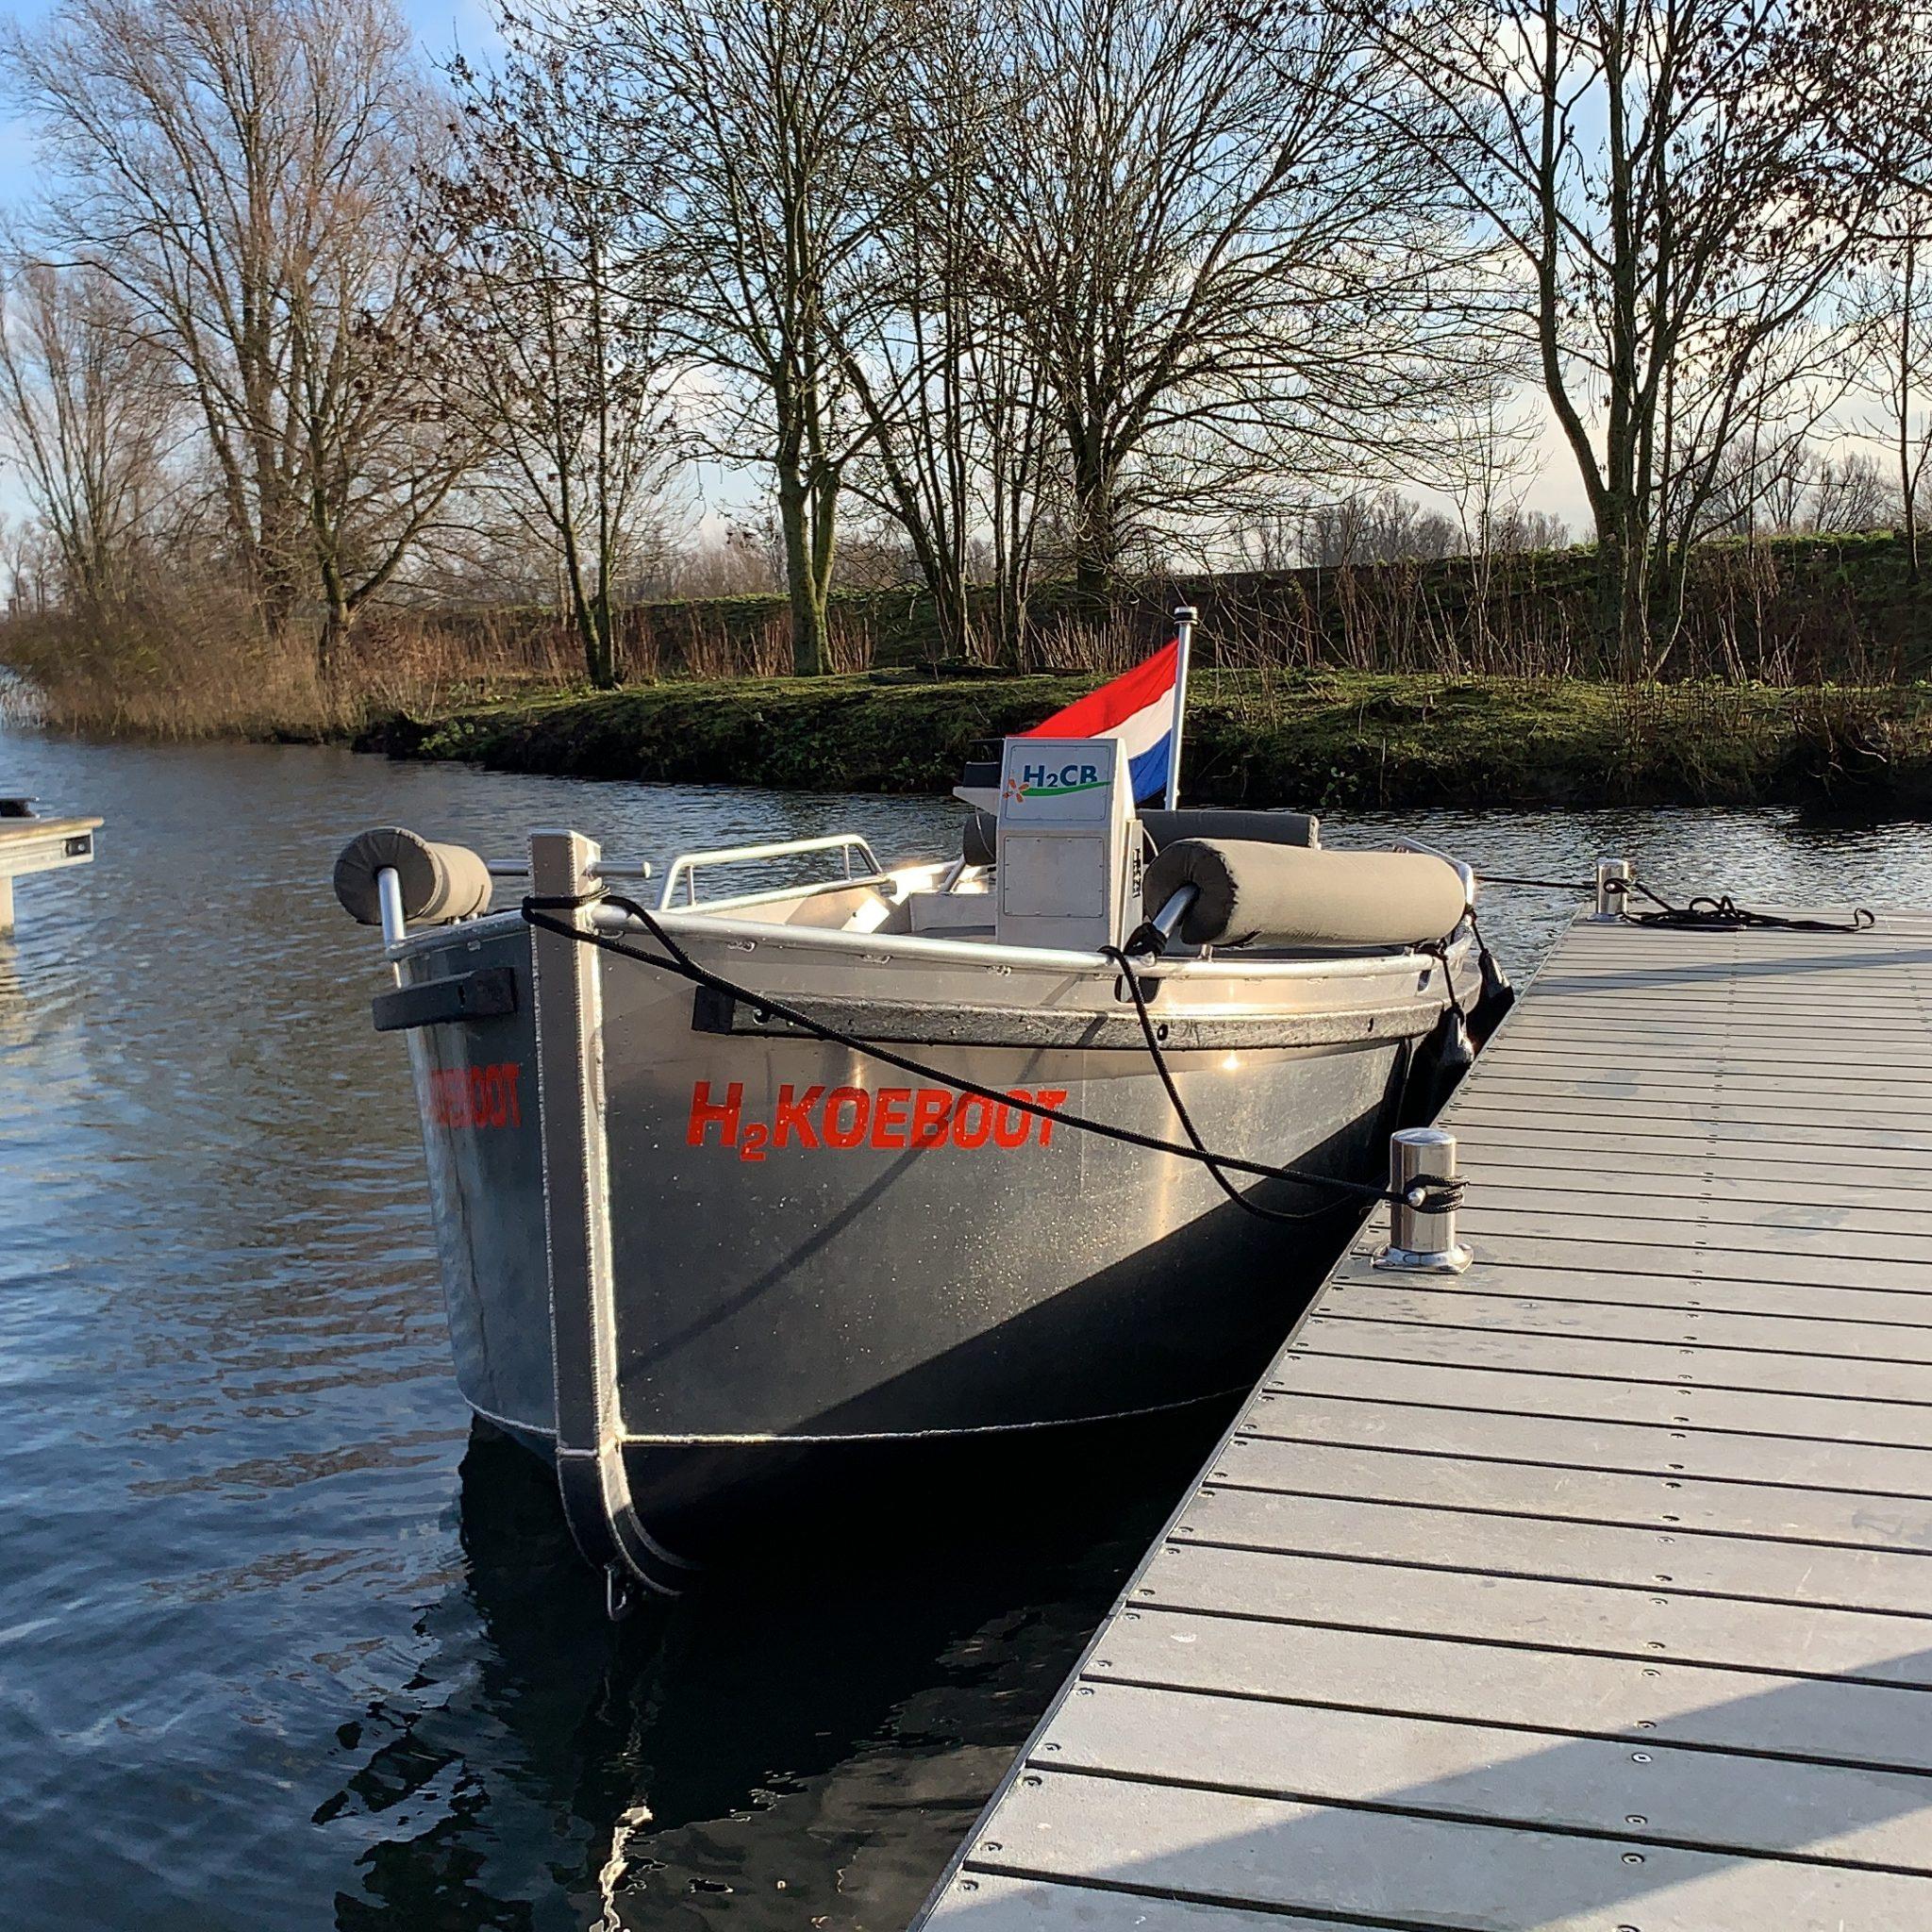 De H2Koeboot van Jacco en Sander. (Privéfoto)